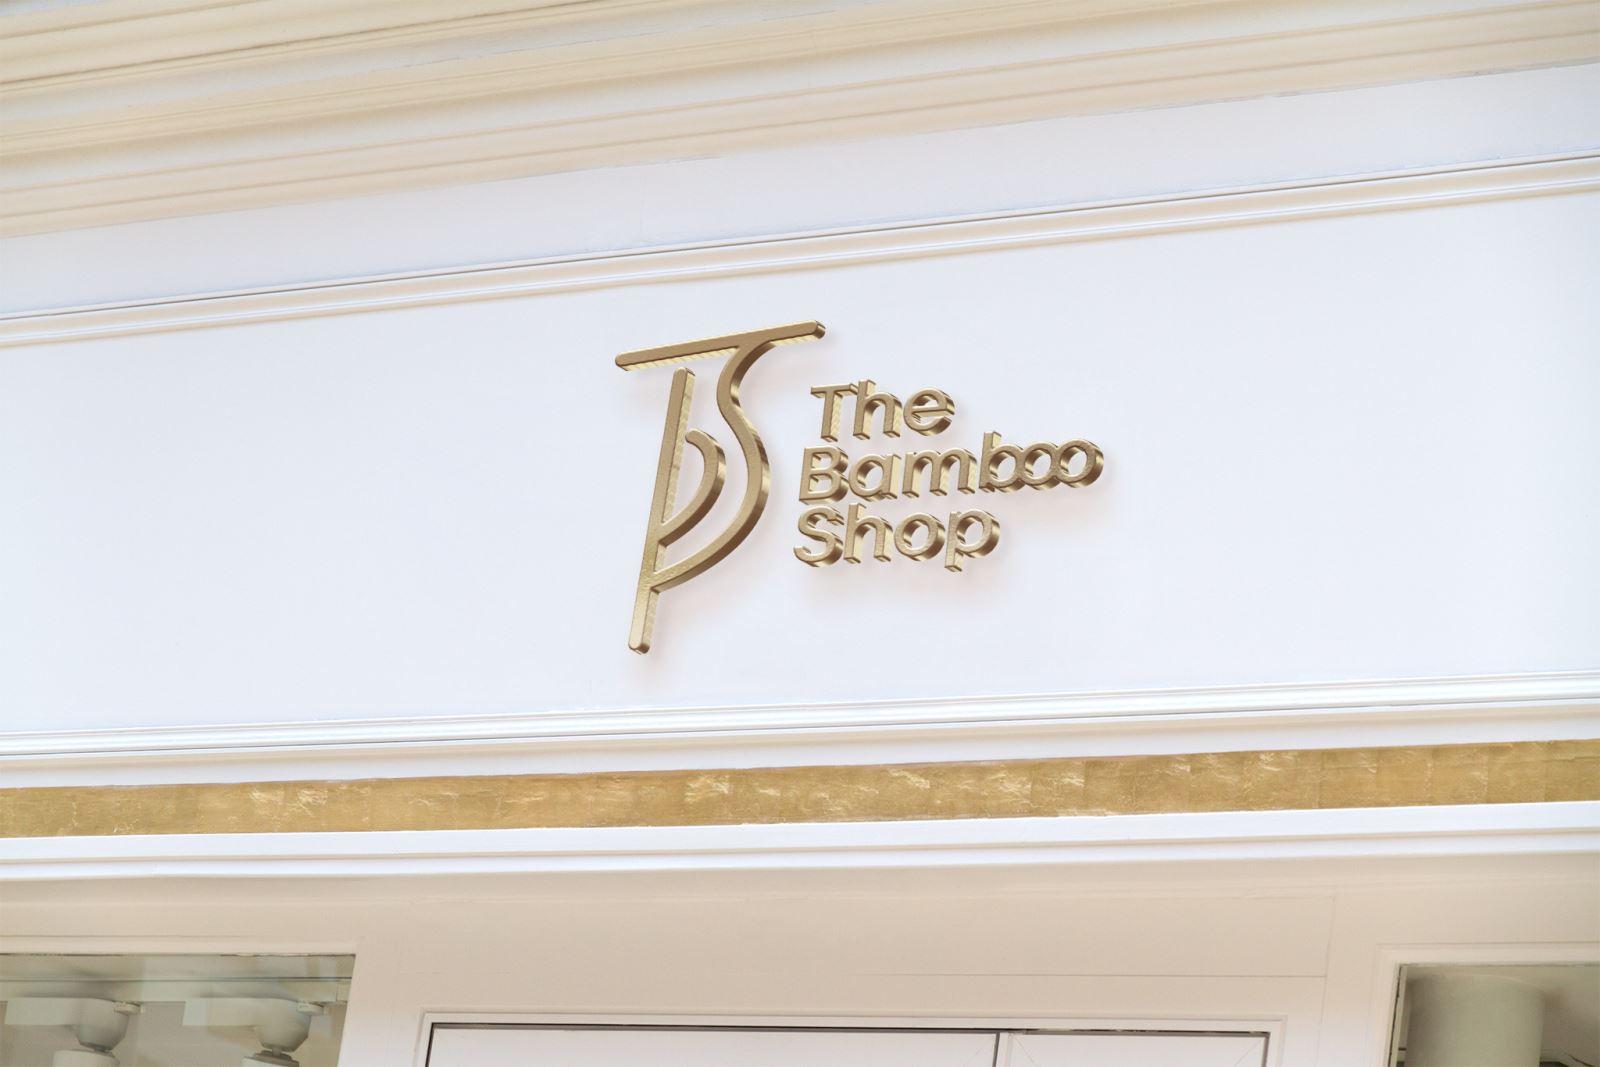 Thiết kế logo kính mát The Bamboo Shop